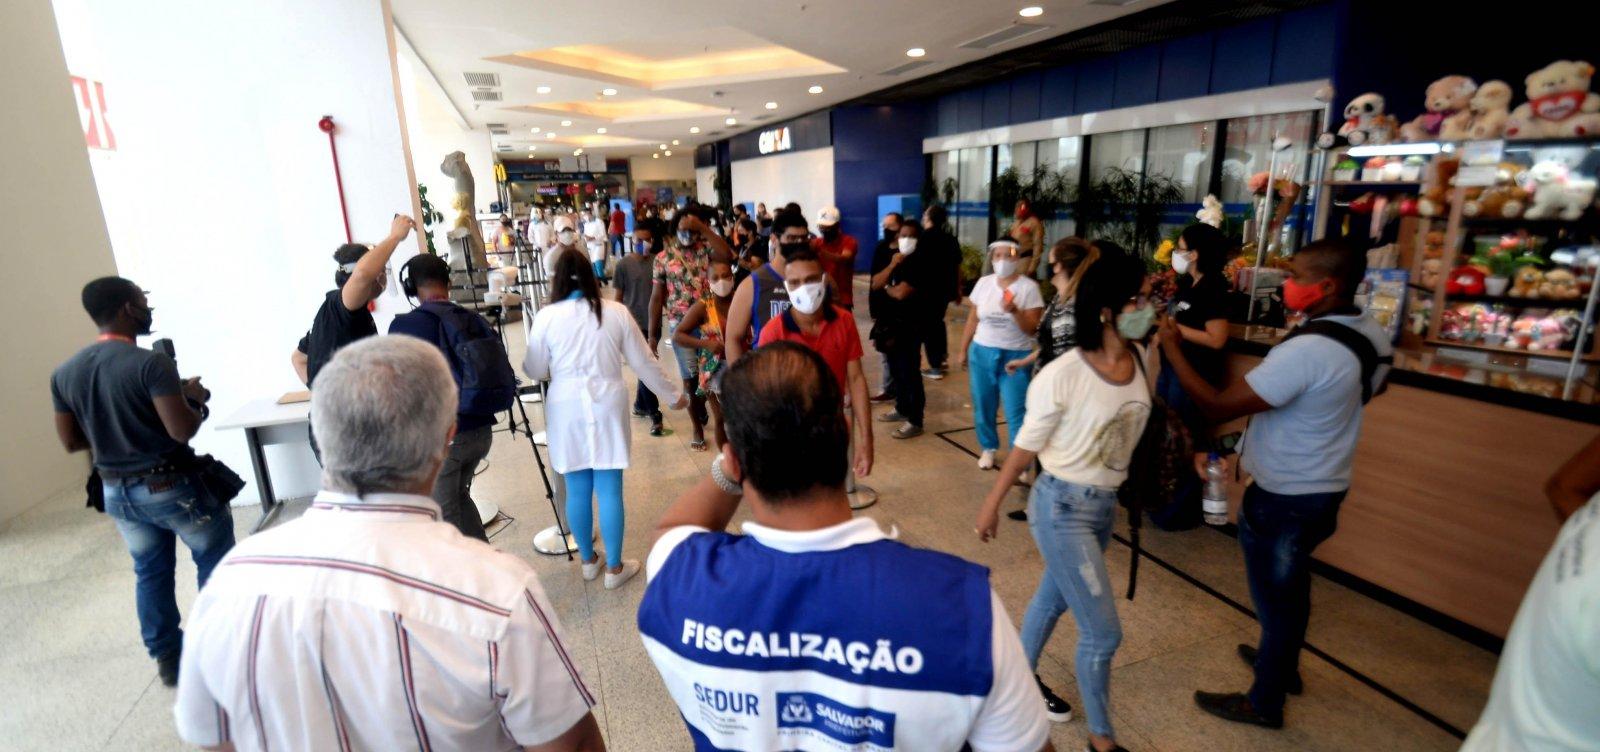 Feriado muda restrição e lojas poderão abrir nesta segunda em Salvador